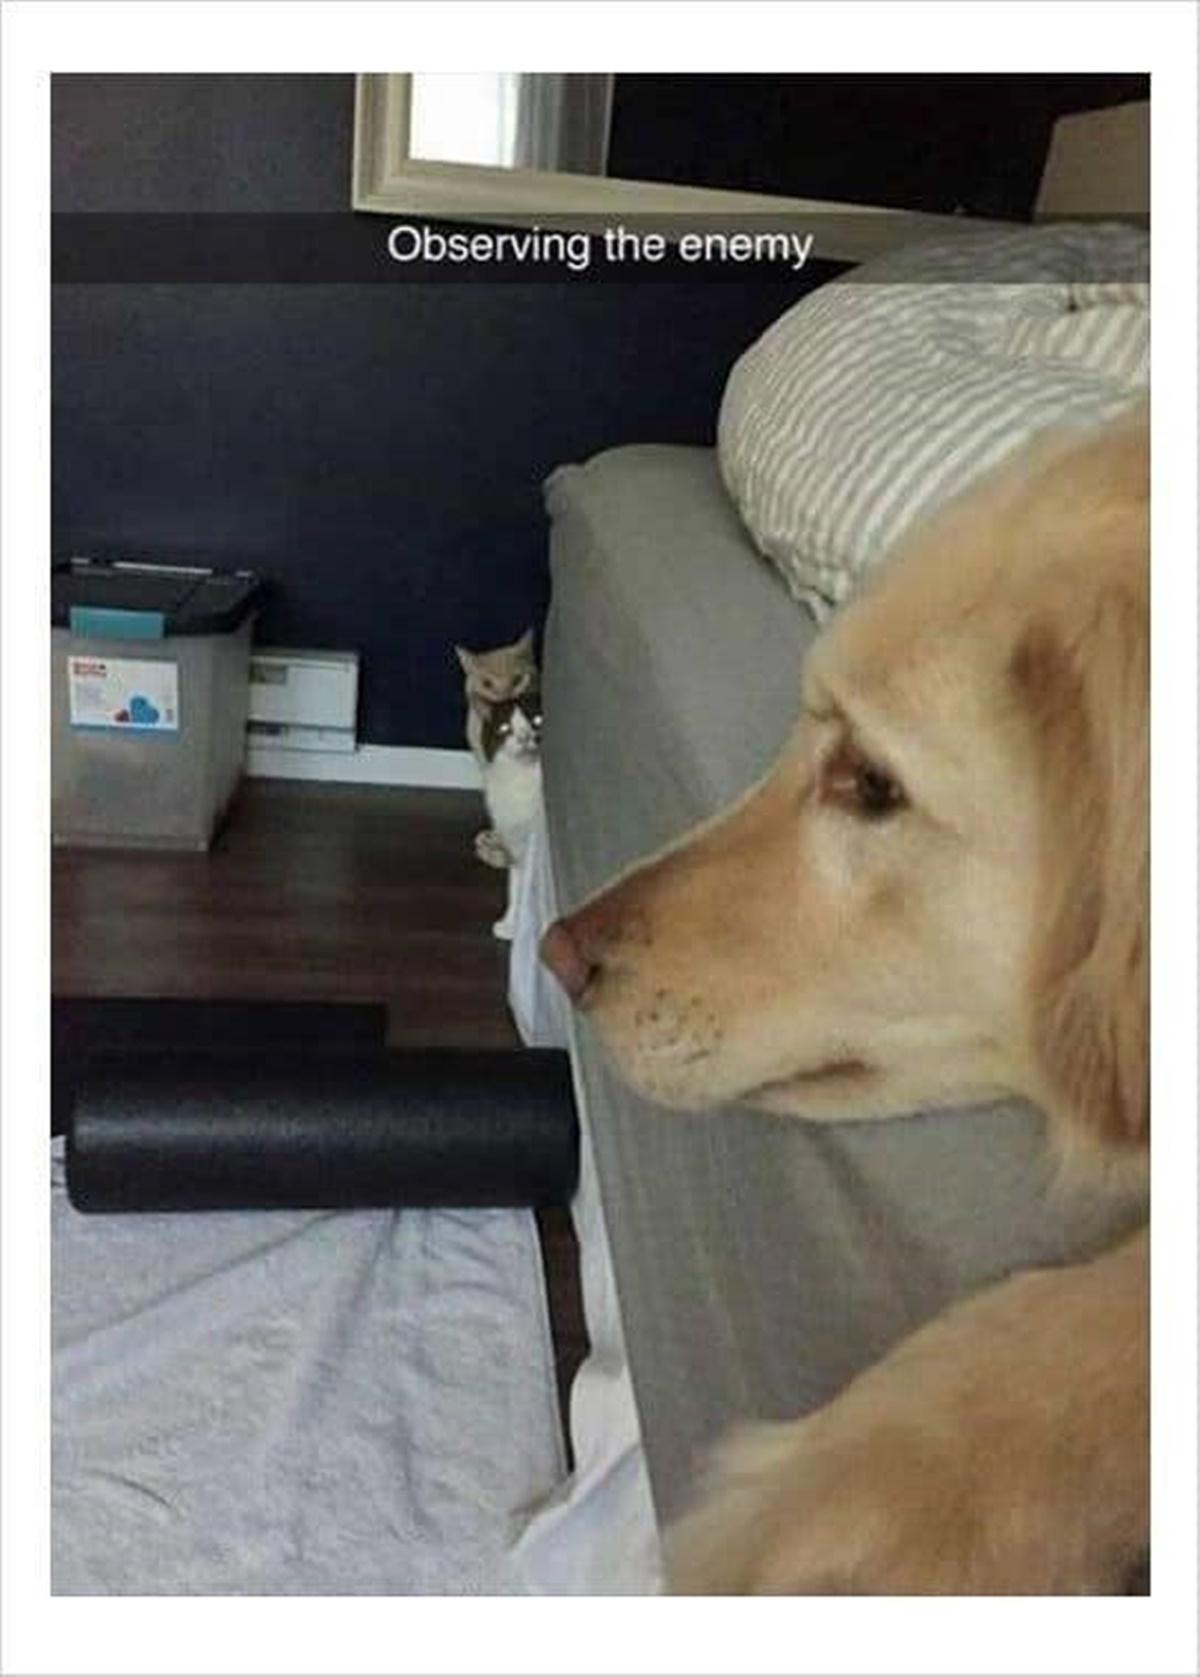 gatti osservano cane